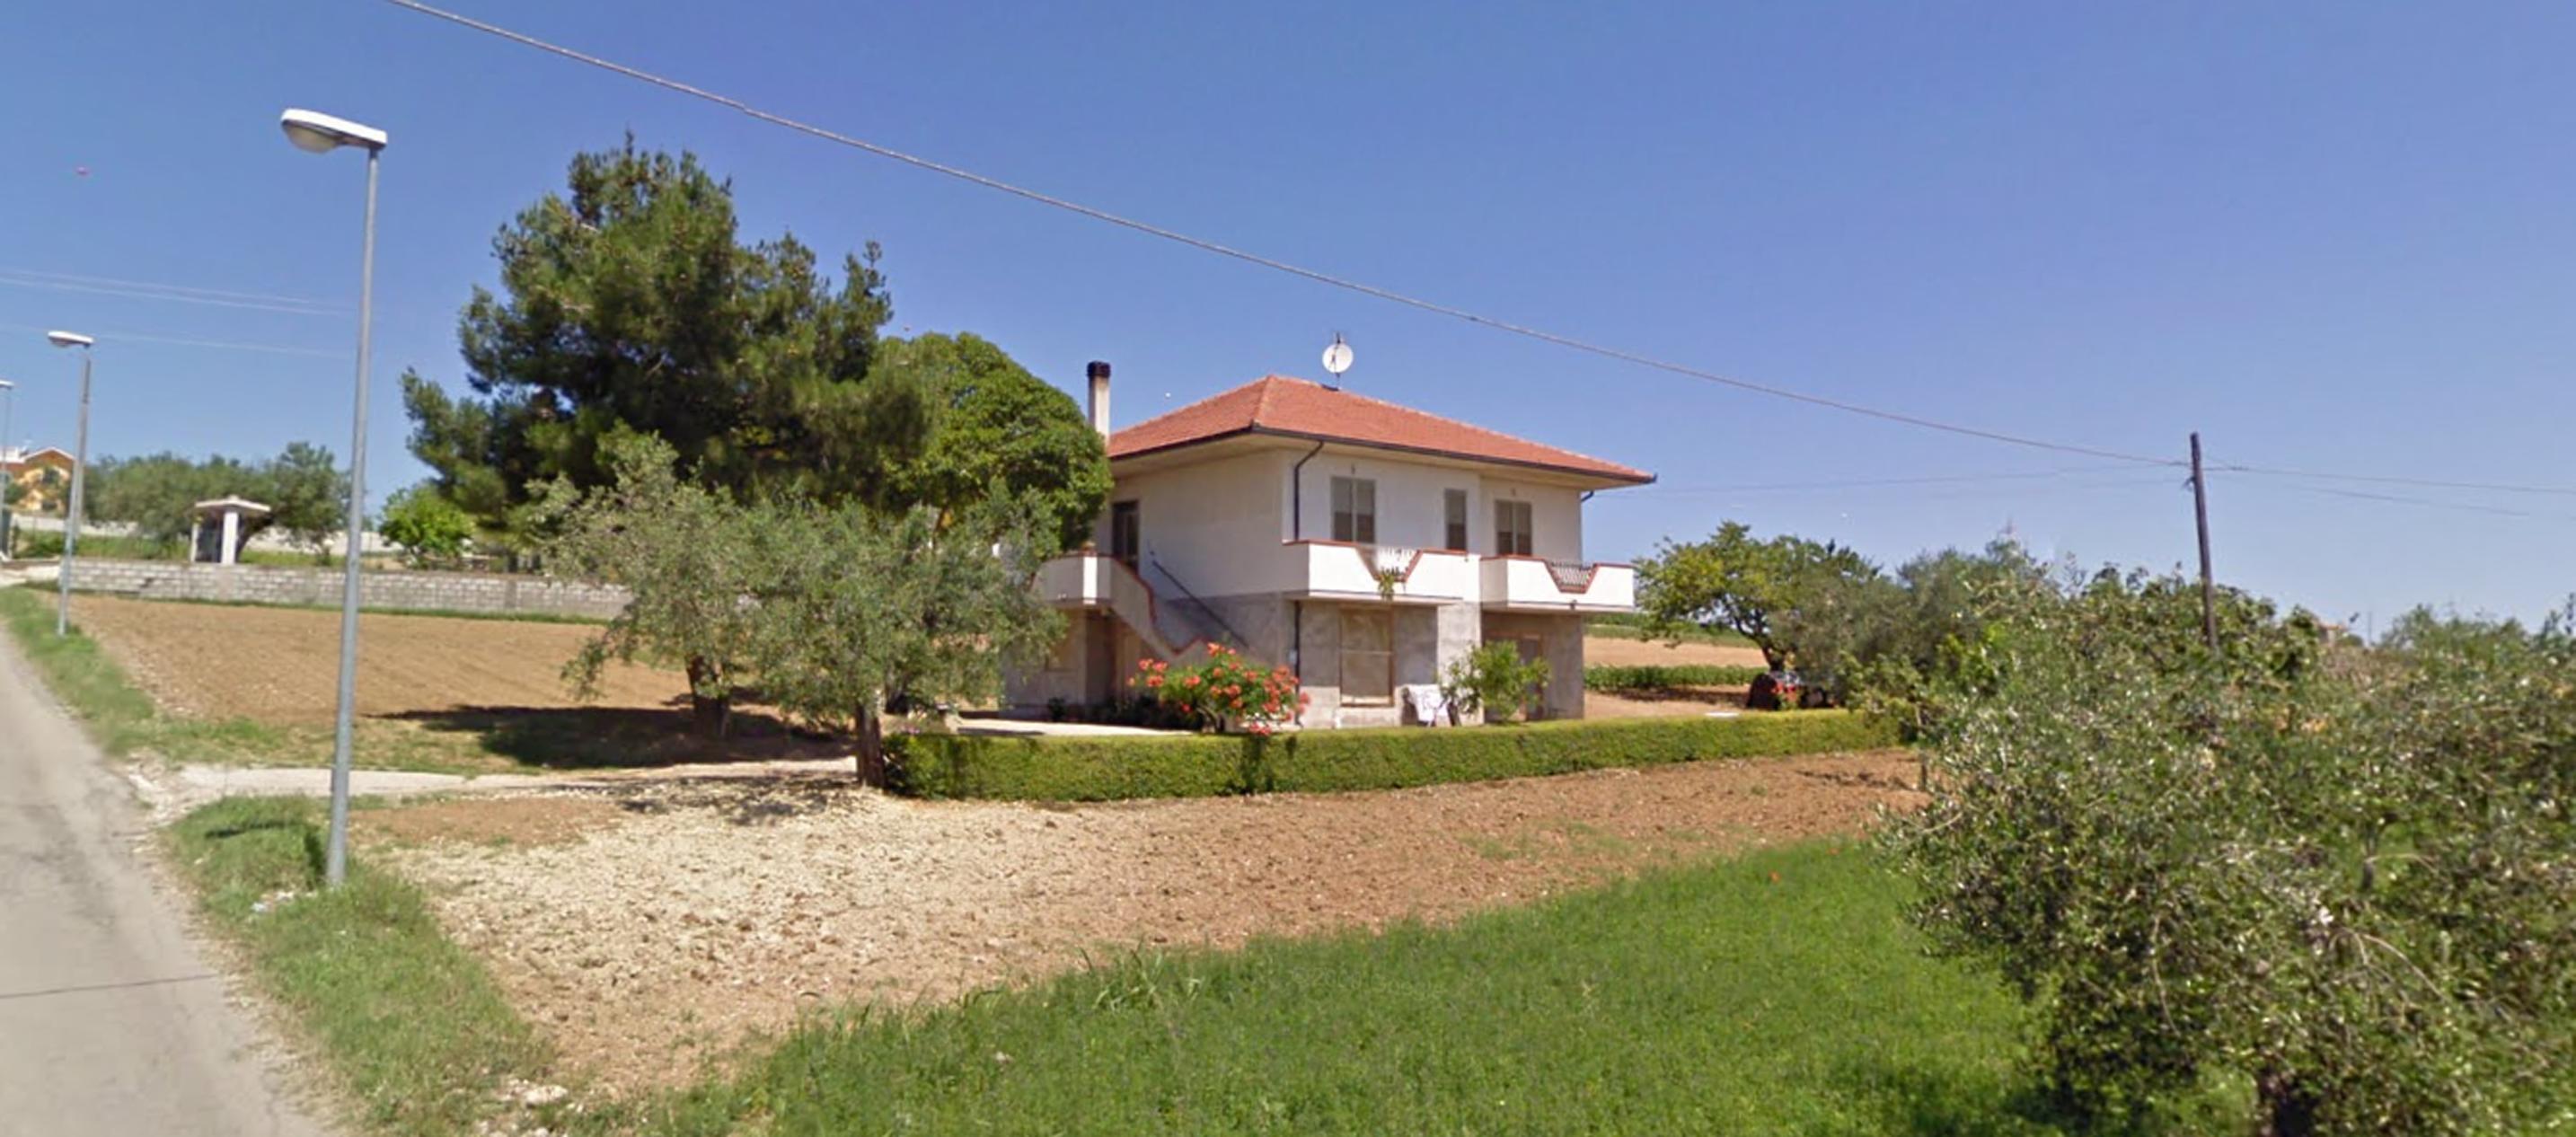 Casa singola con terreno agricolo agenzia immobiliare - Casa abusiva su terreno agricolo ...